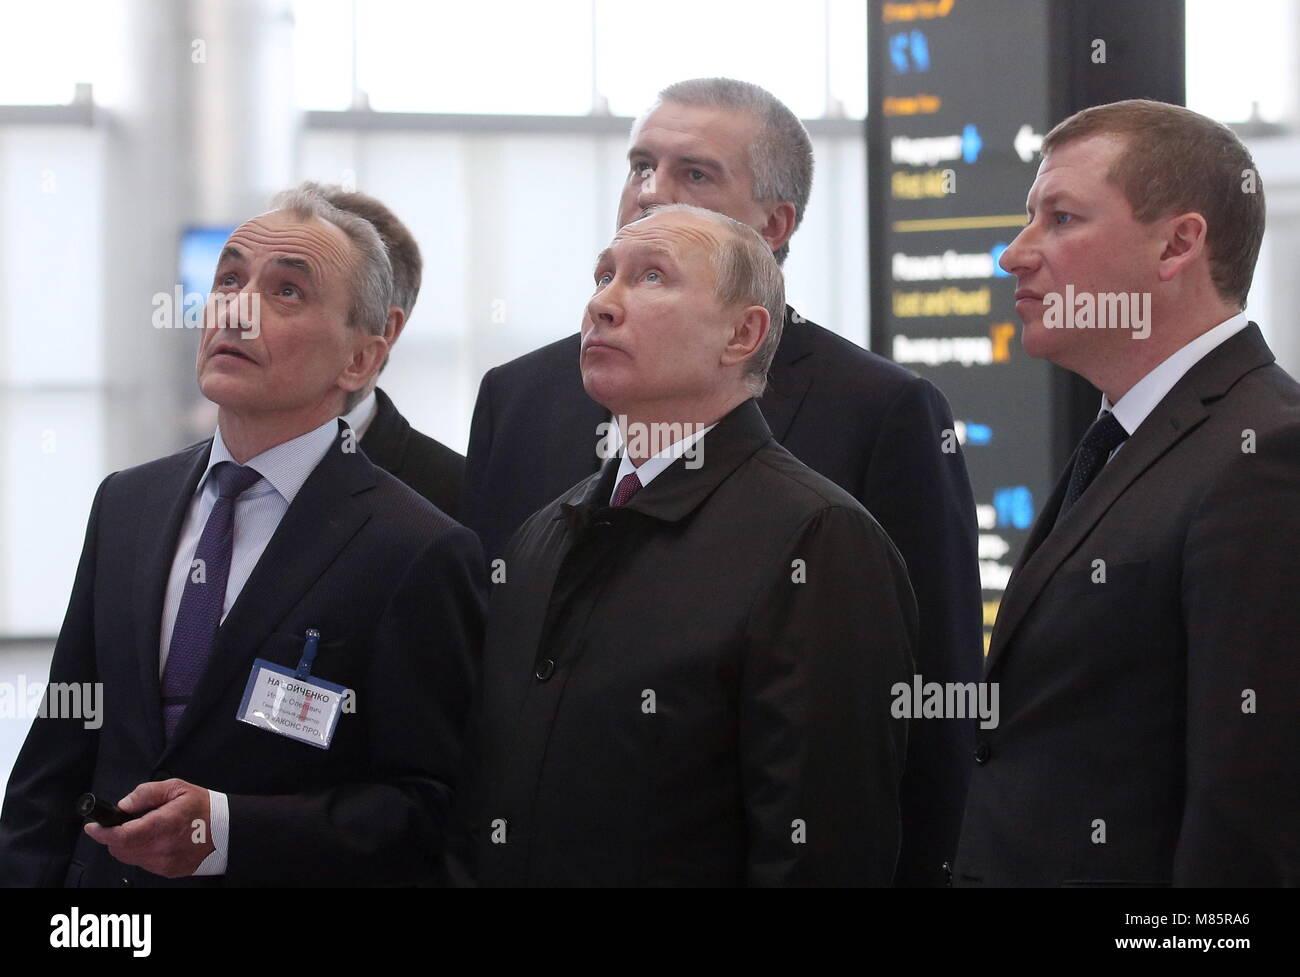 Simferopol, Russia. 14th Mar, 2018. SIMFEROPOL, CRIMEA, RUSSIA - MARCH 14, 2018: Akons Pro general director Igor - Stock Image